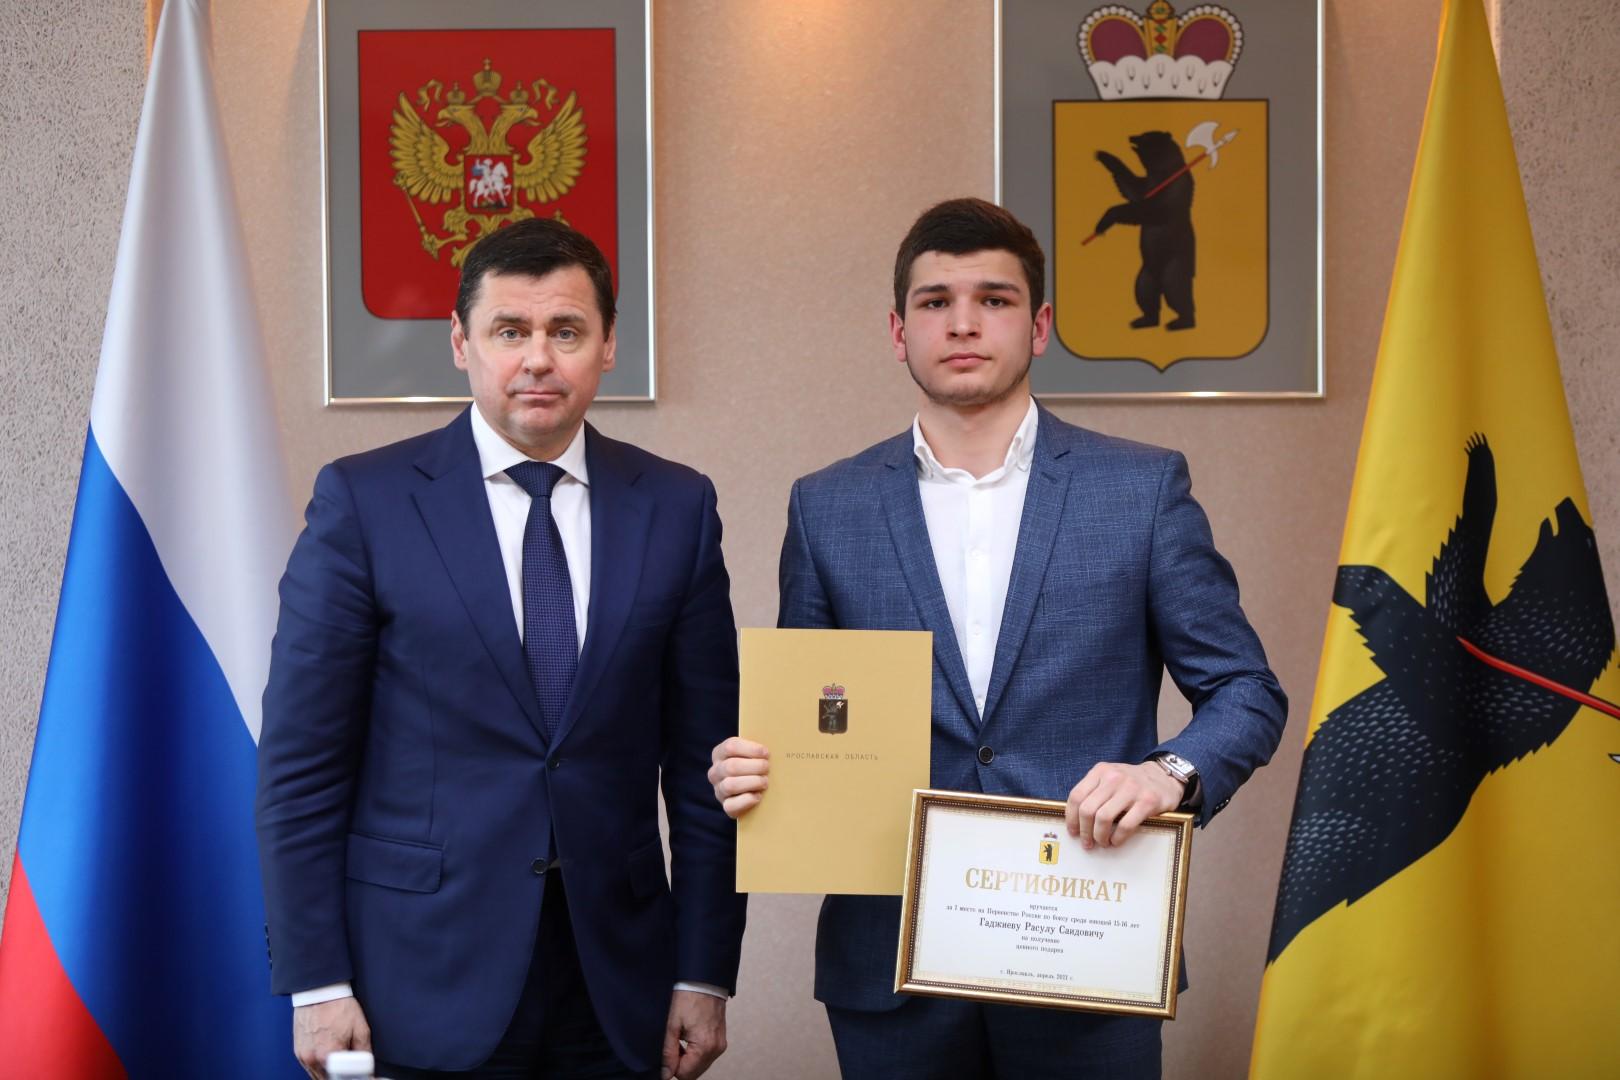 Дмитрий Миронов встретился с победителями первенства России по боксу